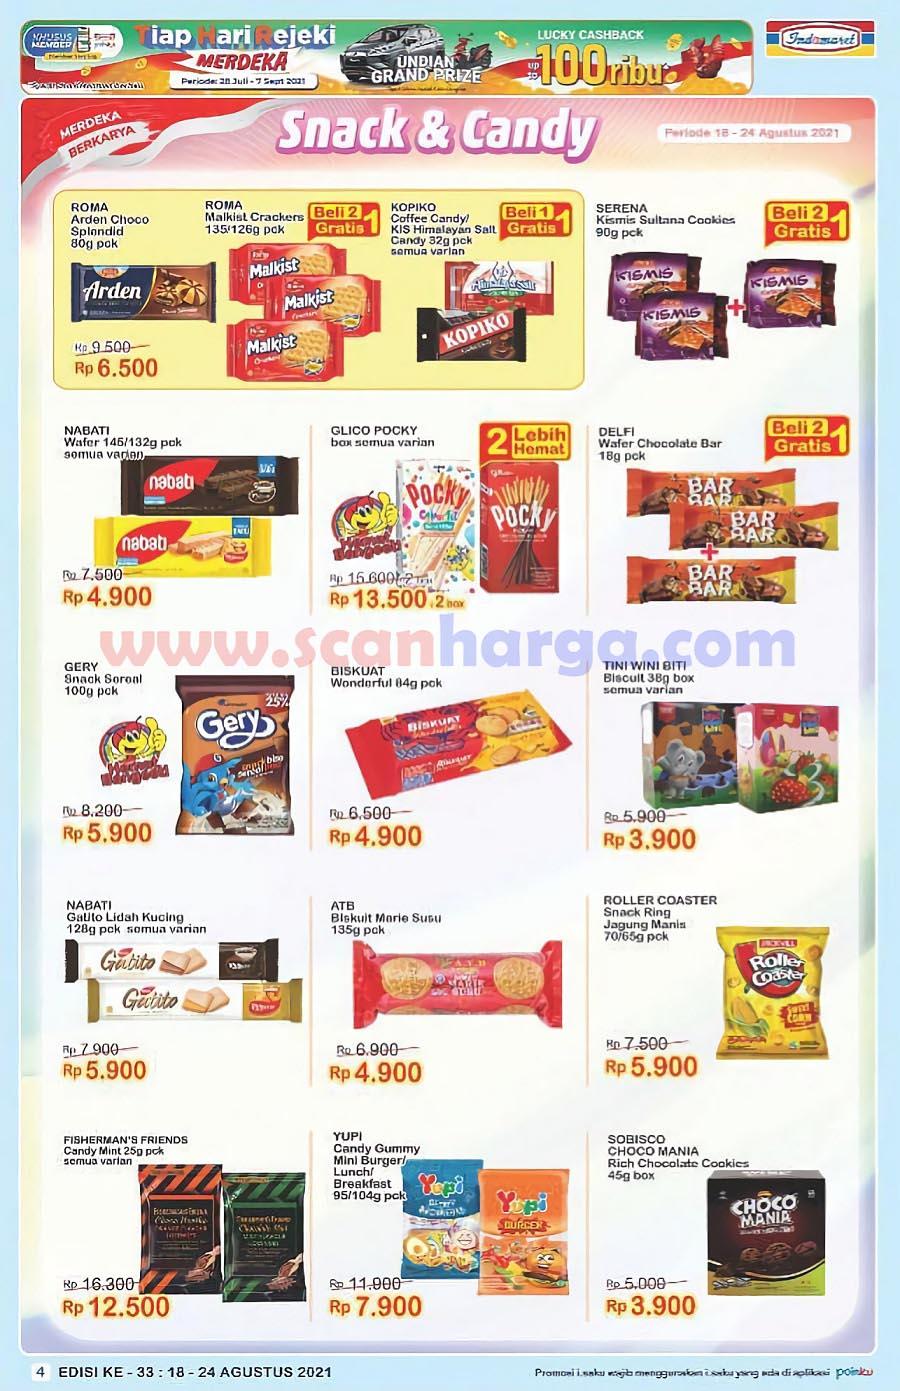 Katalog Indomaret Promo Terbaru 18 - 24 Agustus 2021 4